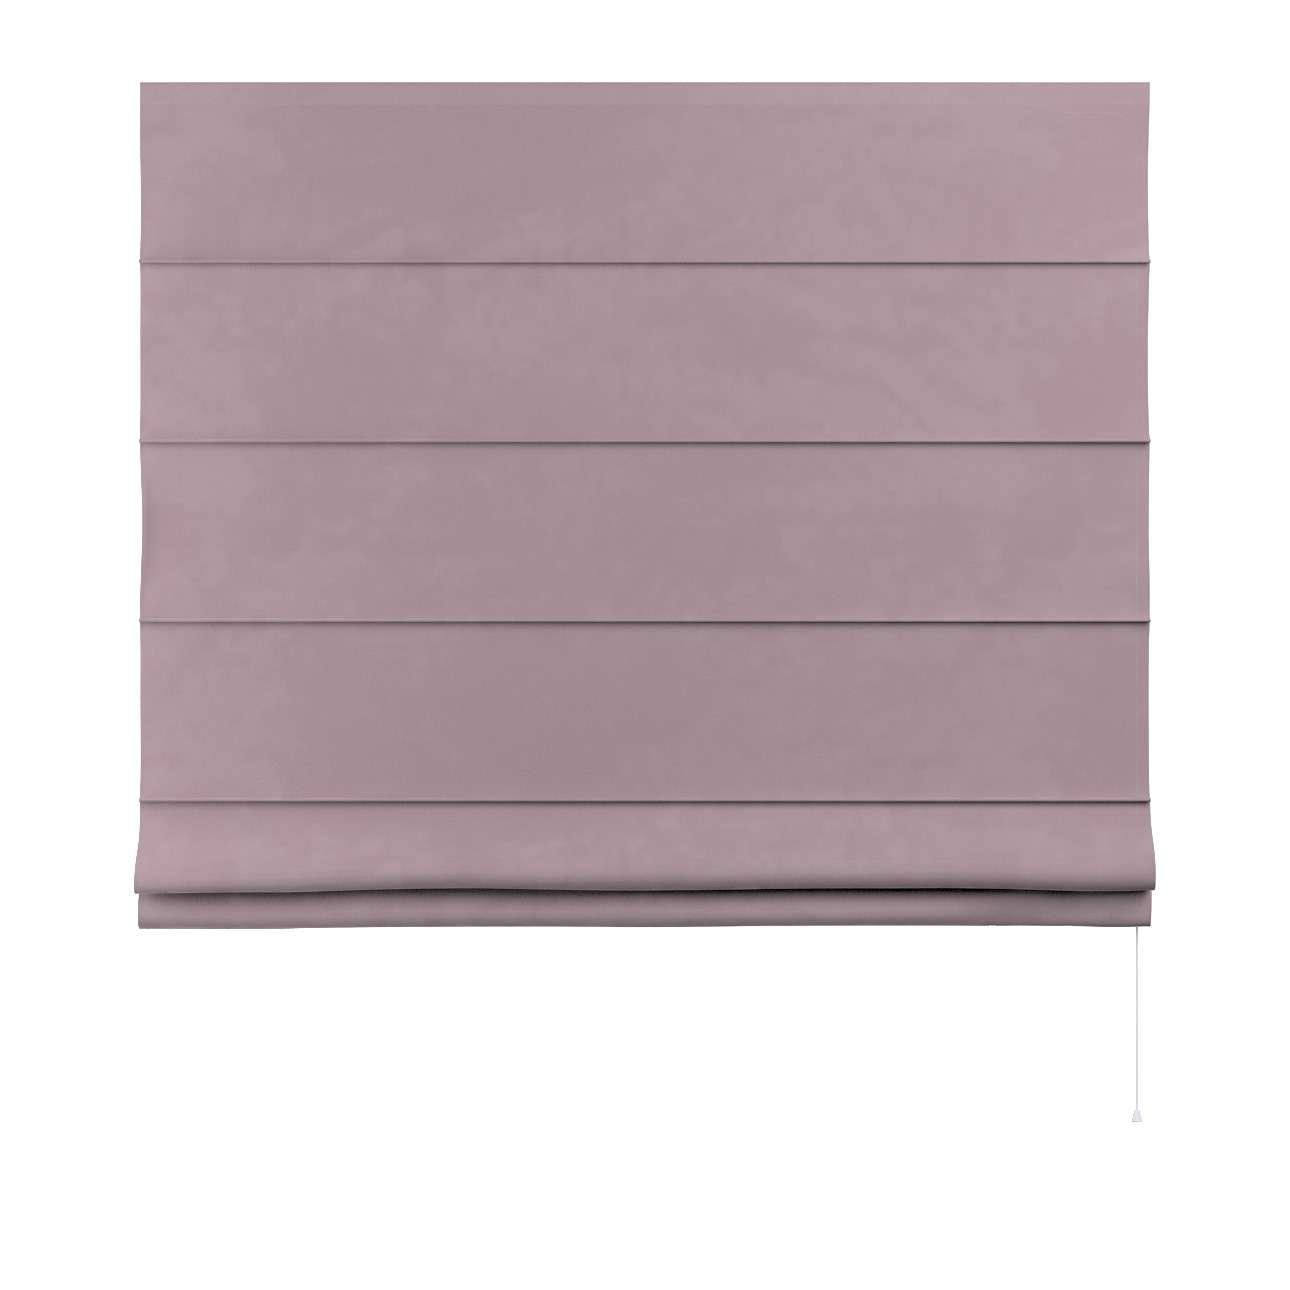 Vouwgordijn Capri van de collectie Velvet, Stof: 704-14